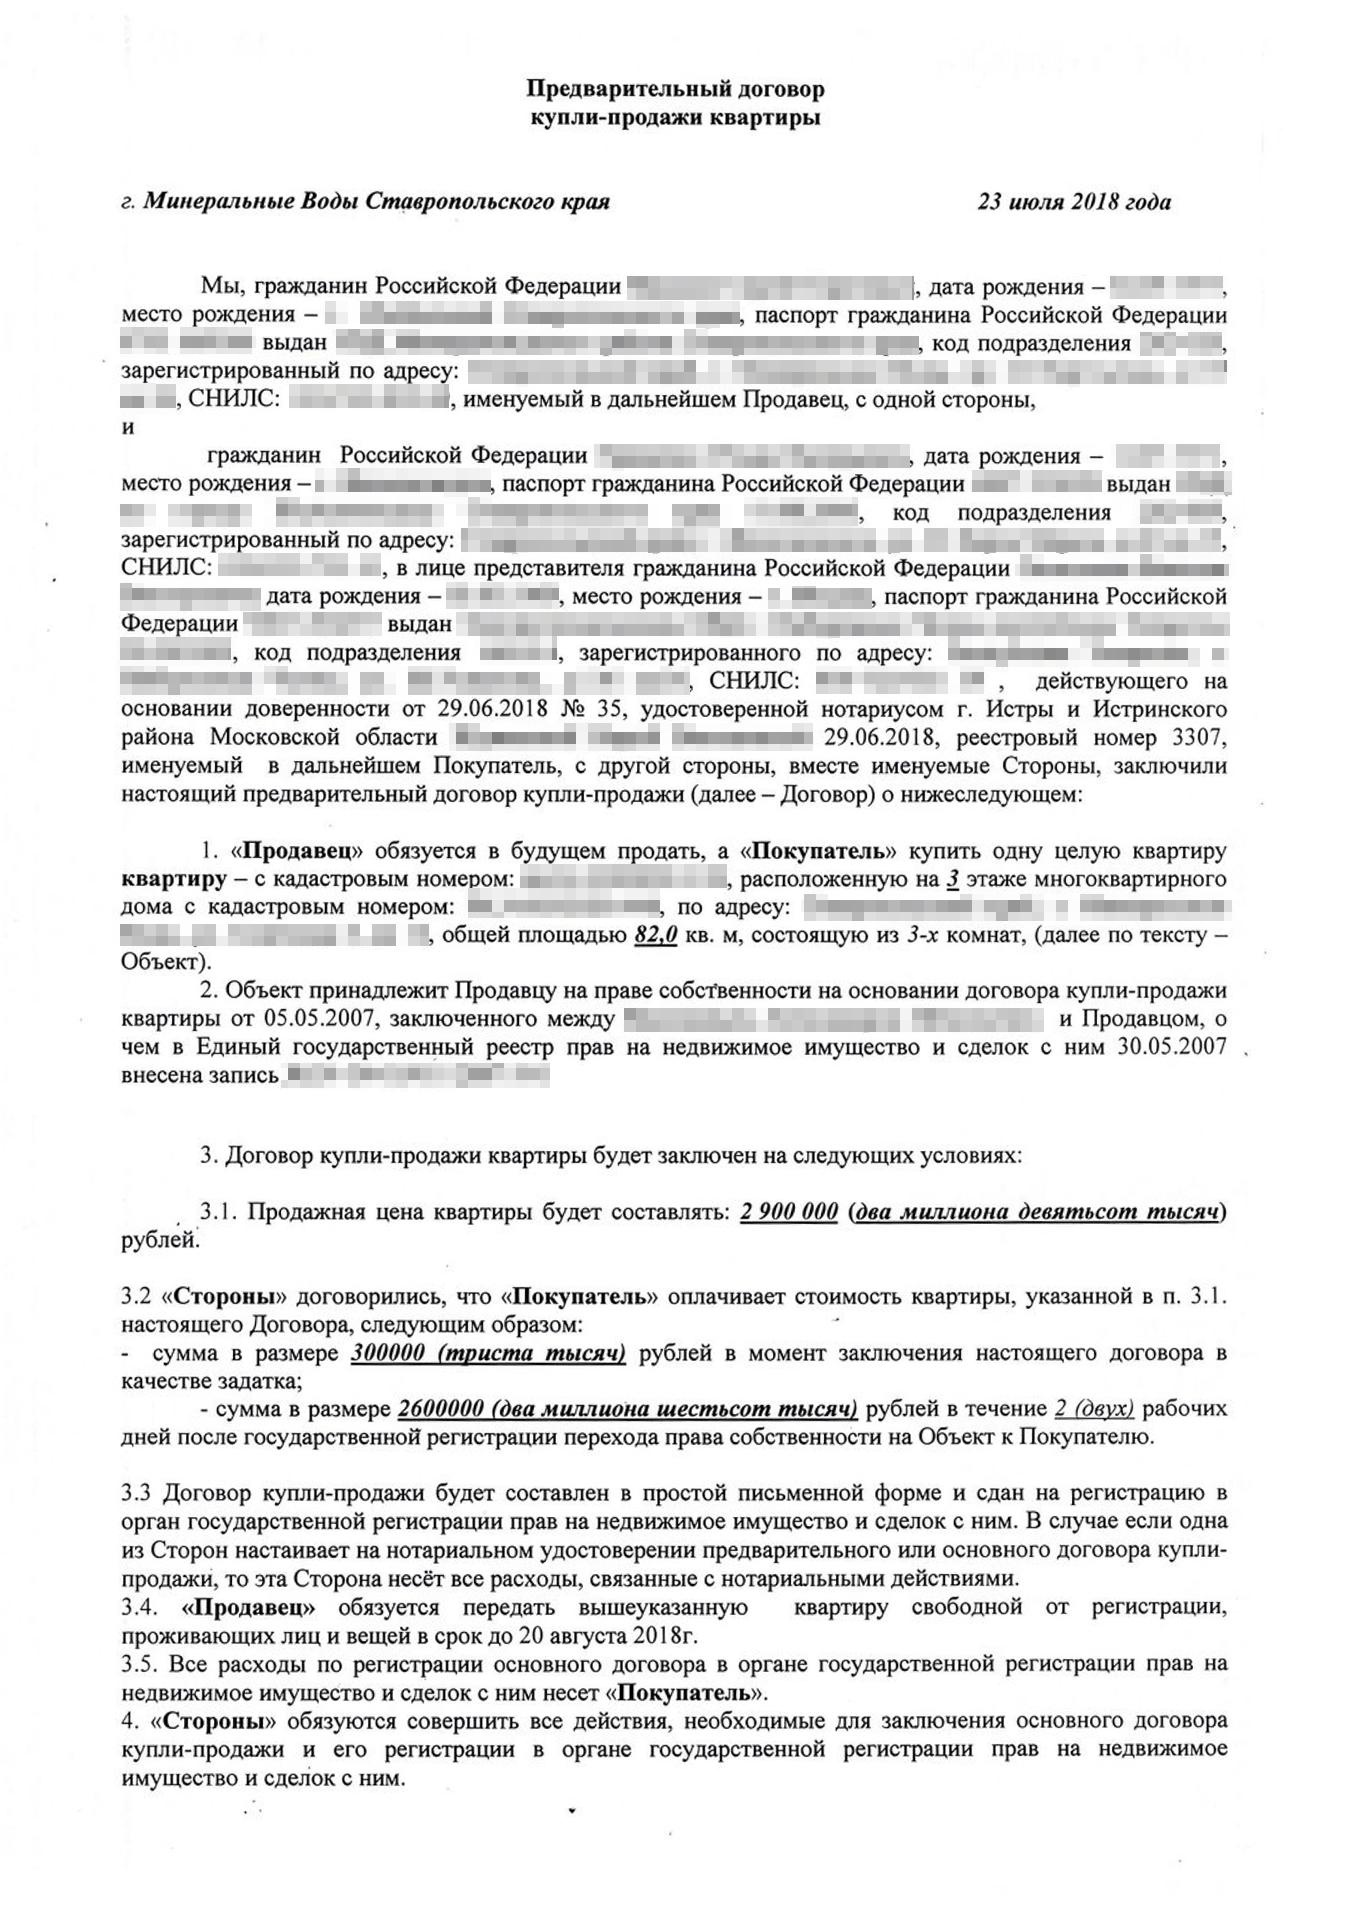 Вариант предварительного договора